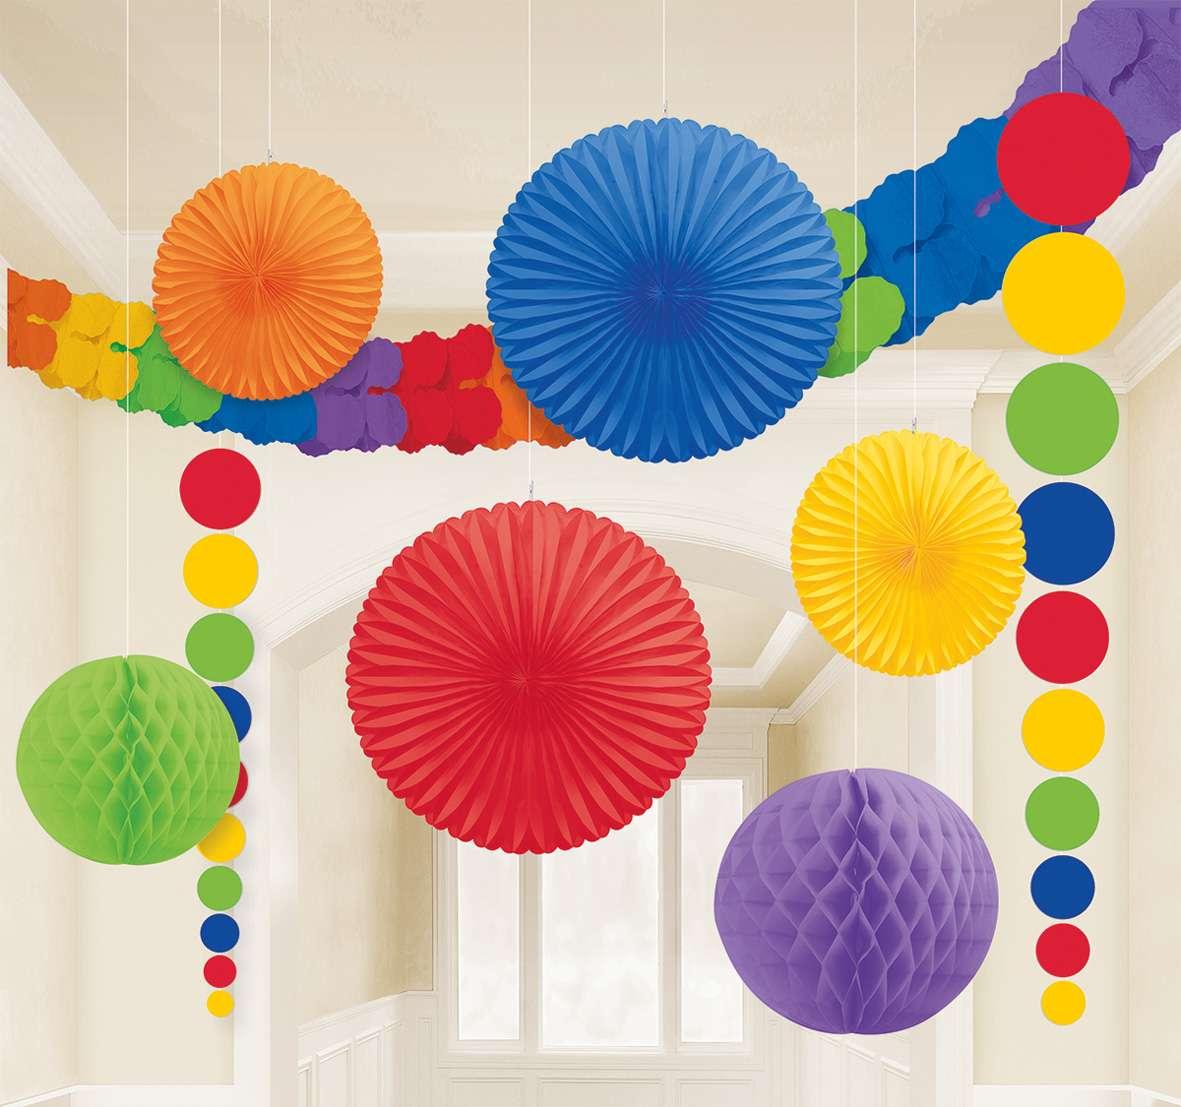 summerfeeling party deko set bunt 9 teilig 1fRIL2ZXubTbQx 600x600 2x